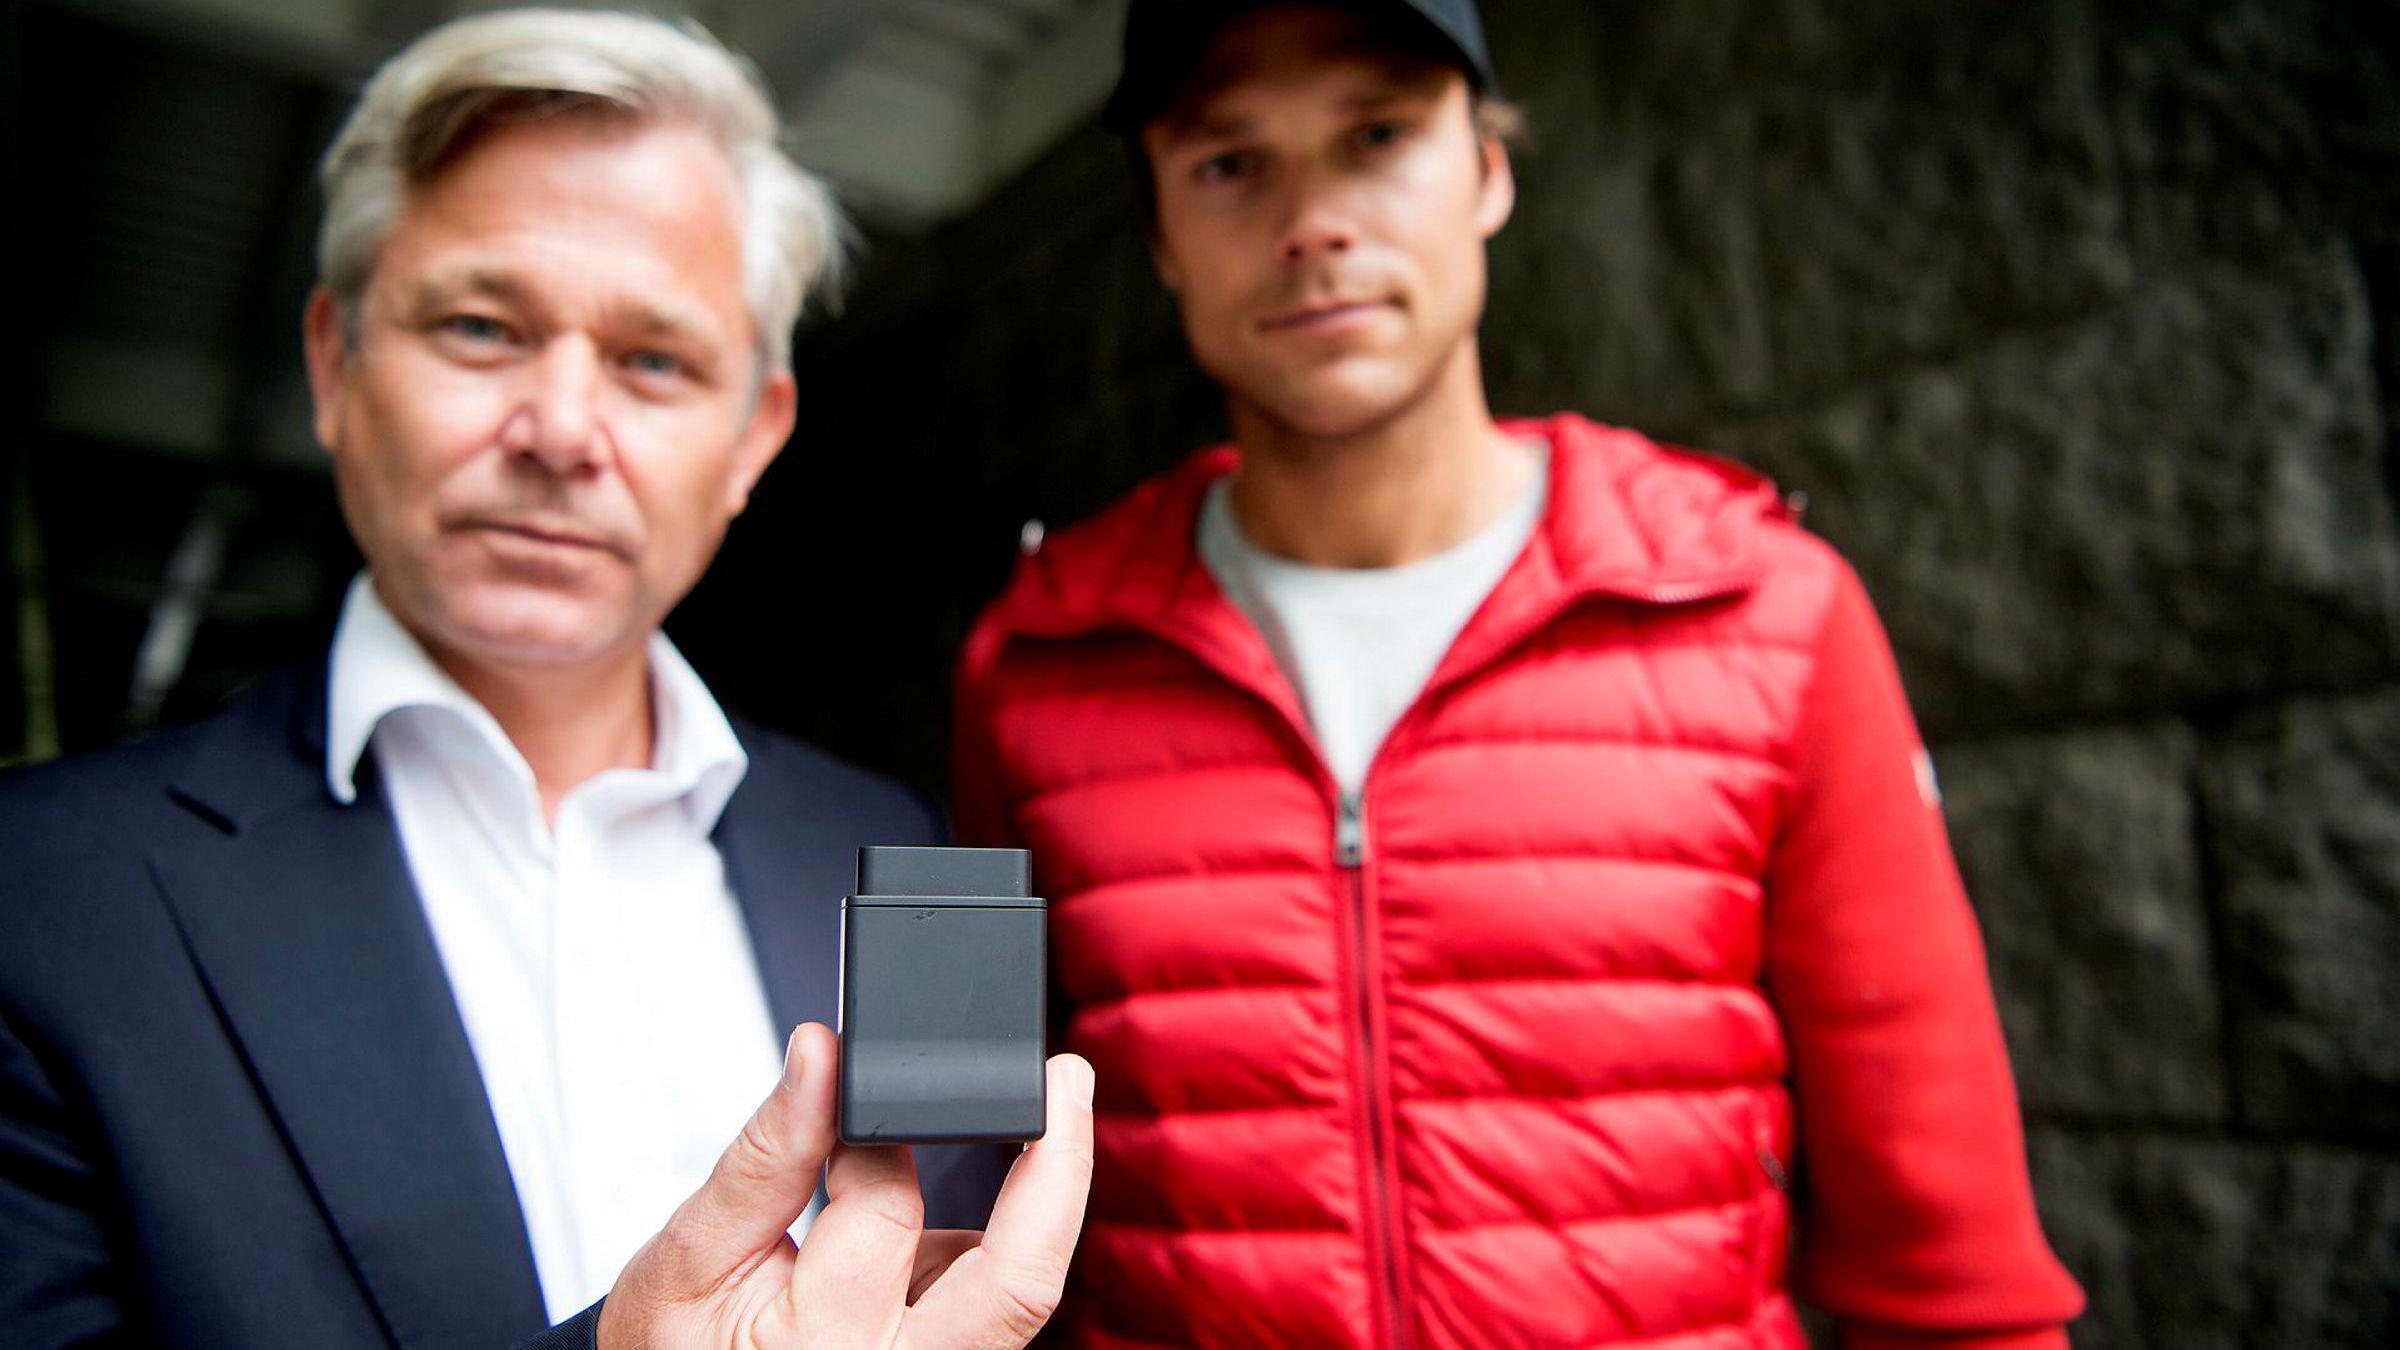 Nicolai Prydz og broren Rallysjåfør Andreas Mikkelsen viste den datadrevne trafikksikkerhetstjenesten Hipdrive til Telenor, som signerte konfidensialitetsavtale med gründerne. Ett år senere lanserte Telenor det gründerne mener er en kliss lik tjeneste - uten dem.